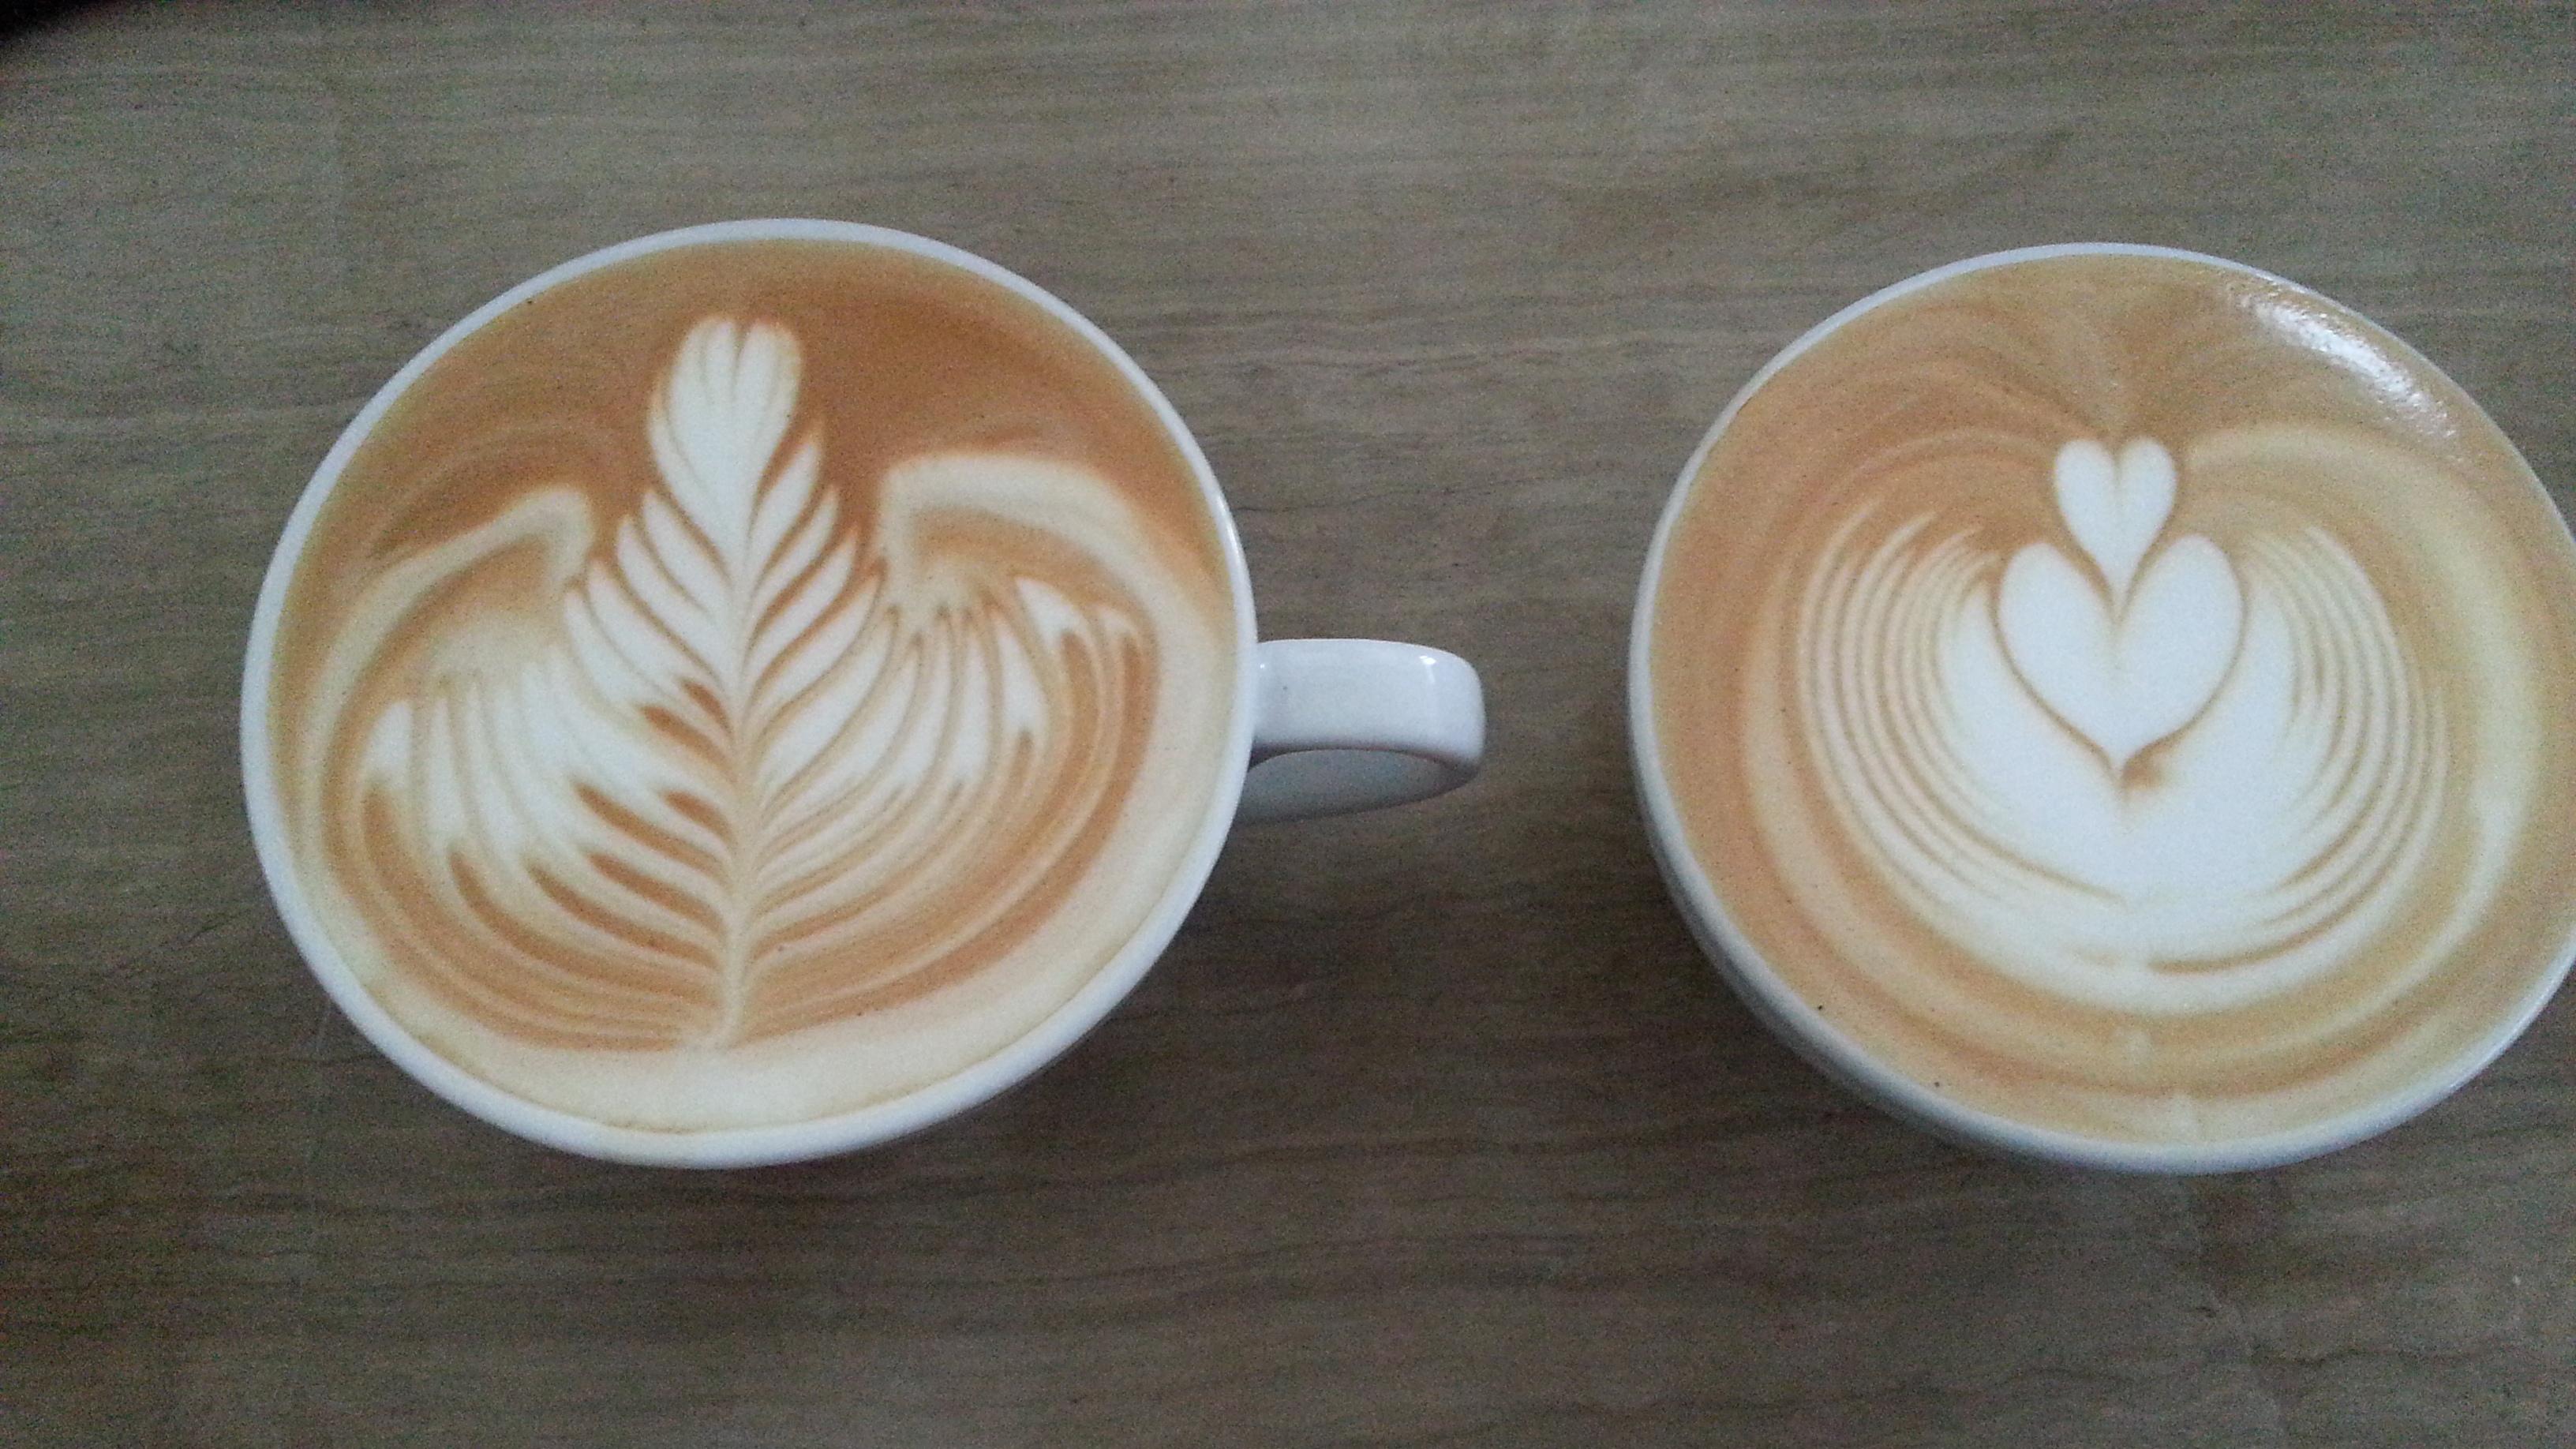 在把奶泡按专门的手法倒入卡布基诺杯内,就会形成漂亮的拉花咖啡